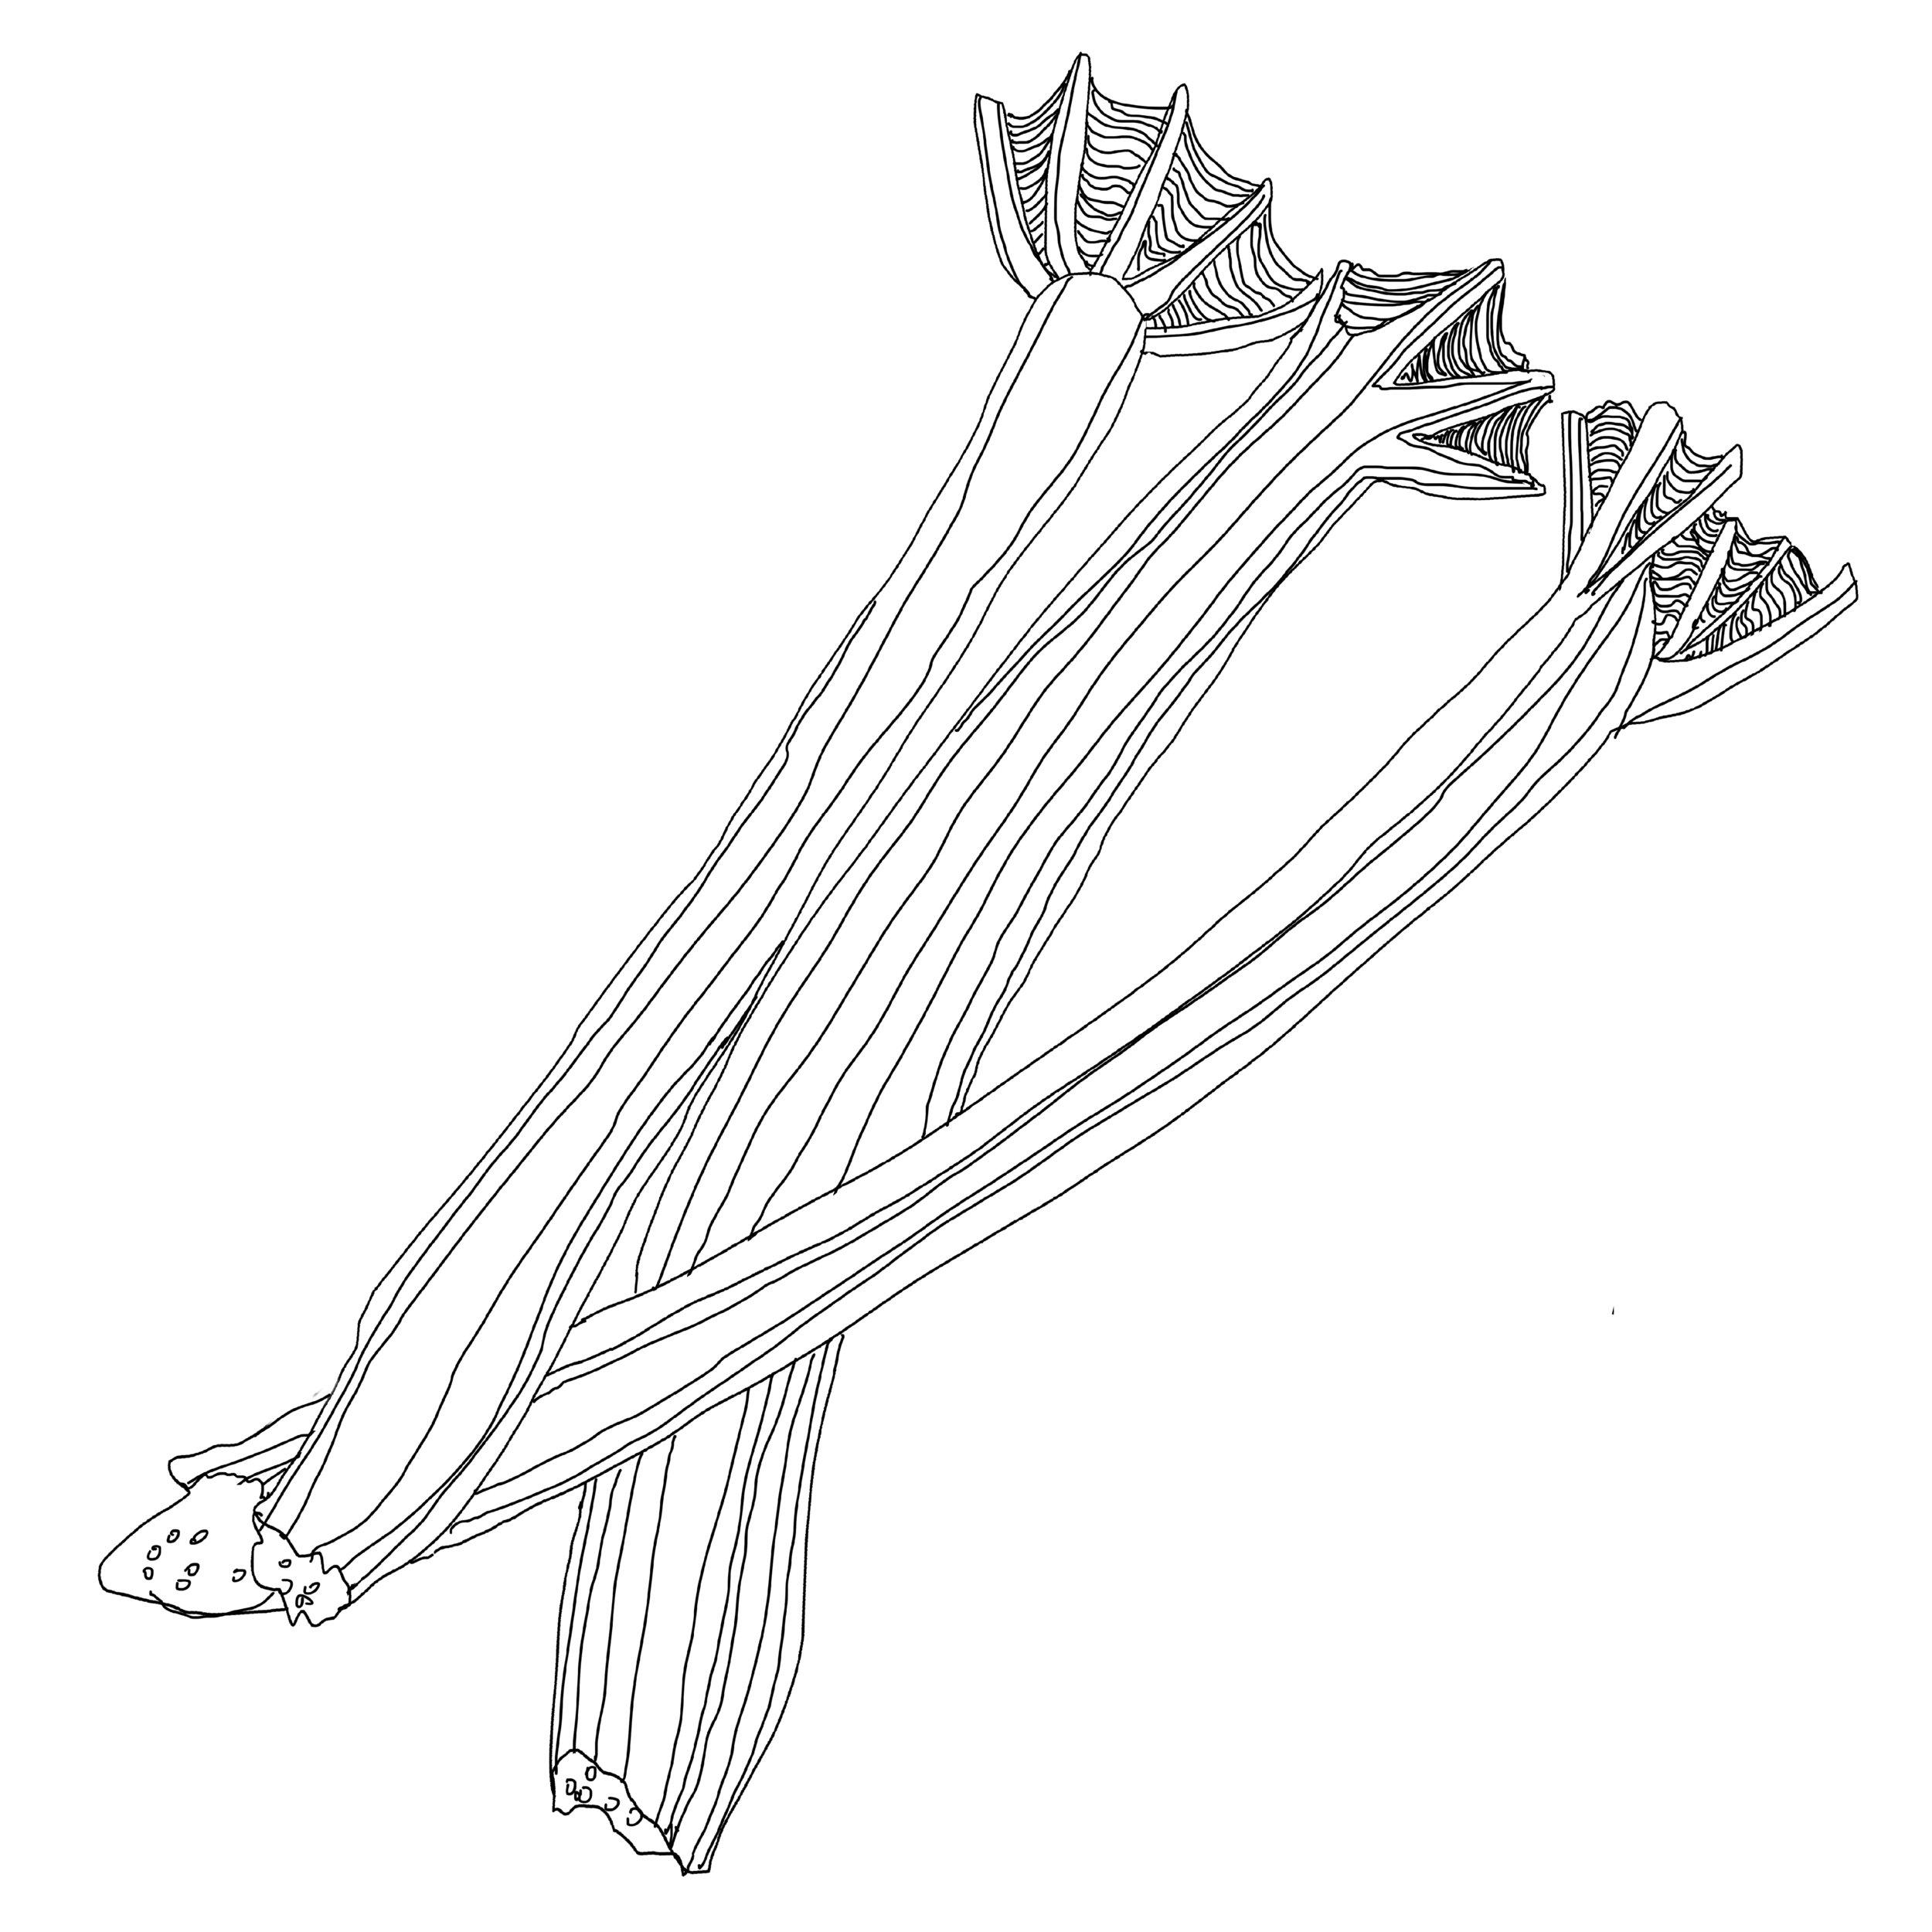 6. Rhubarb_Jessie Kanelos Weiner_Comestible.jpg